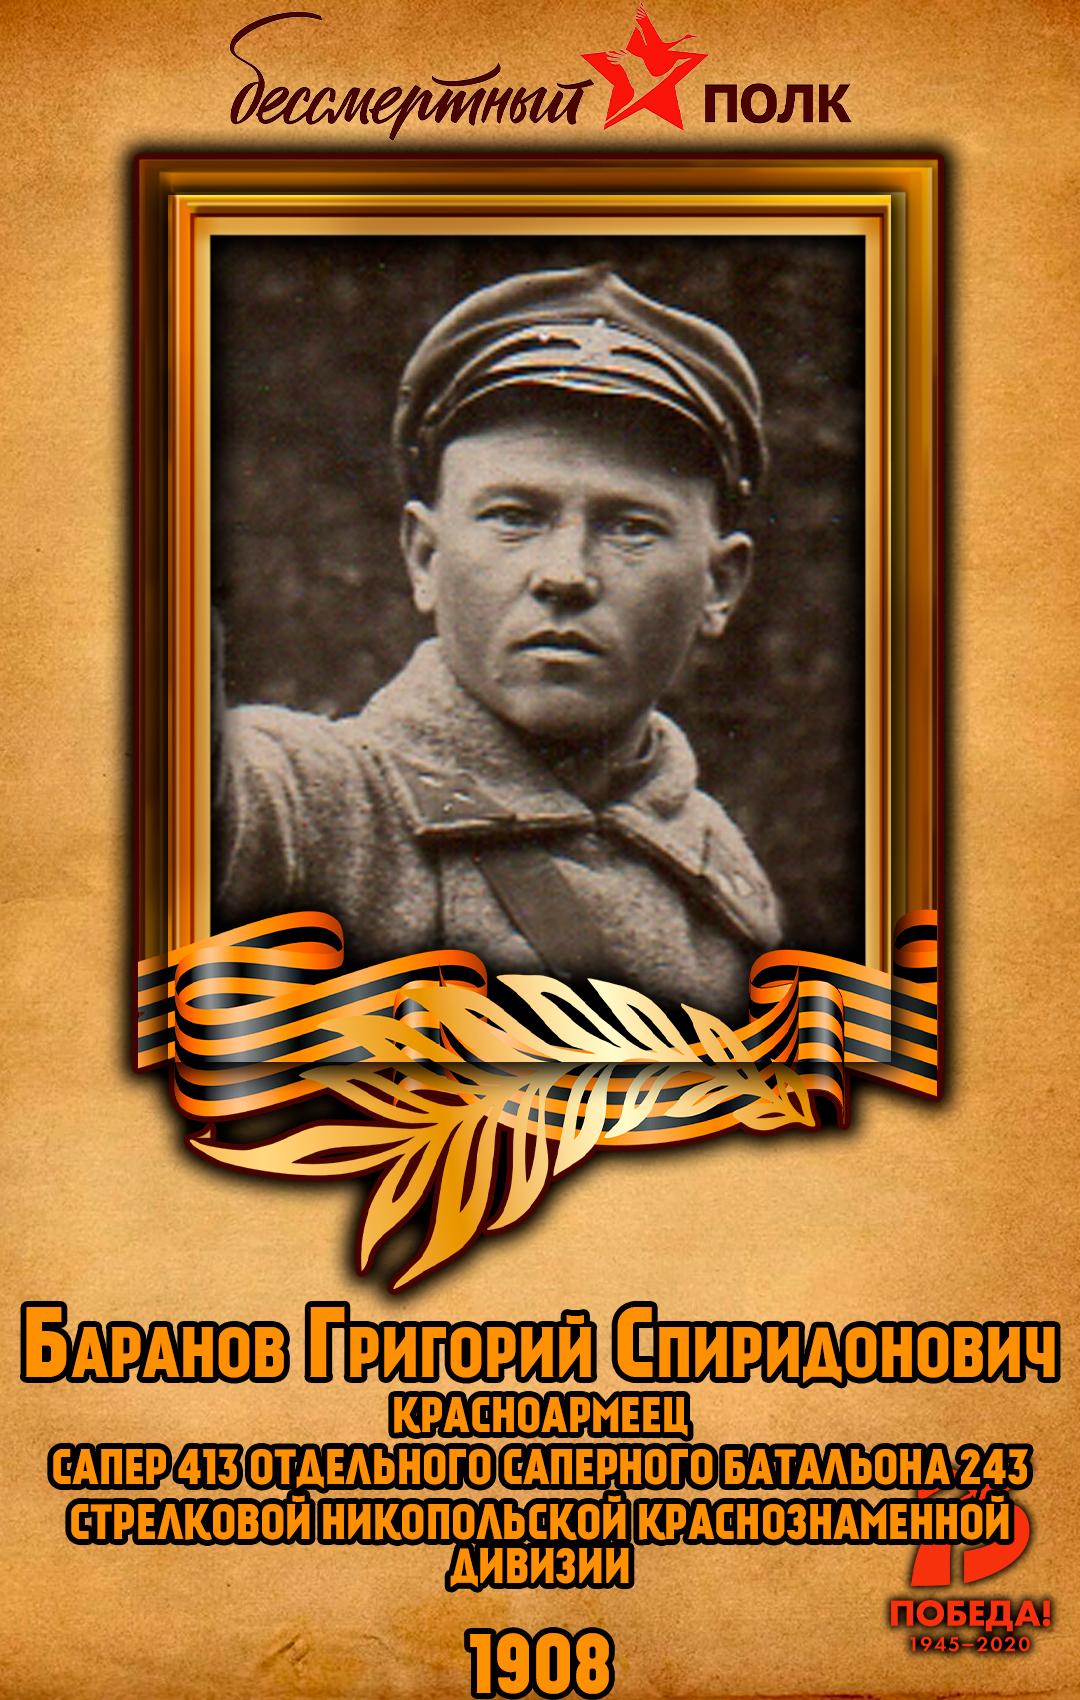 Баранов-Григорий-Спиридонович